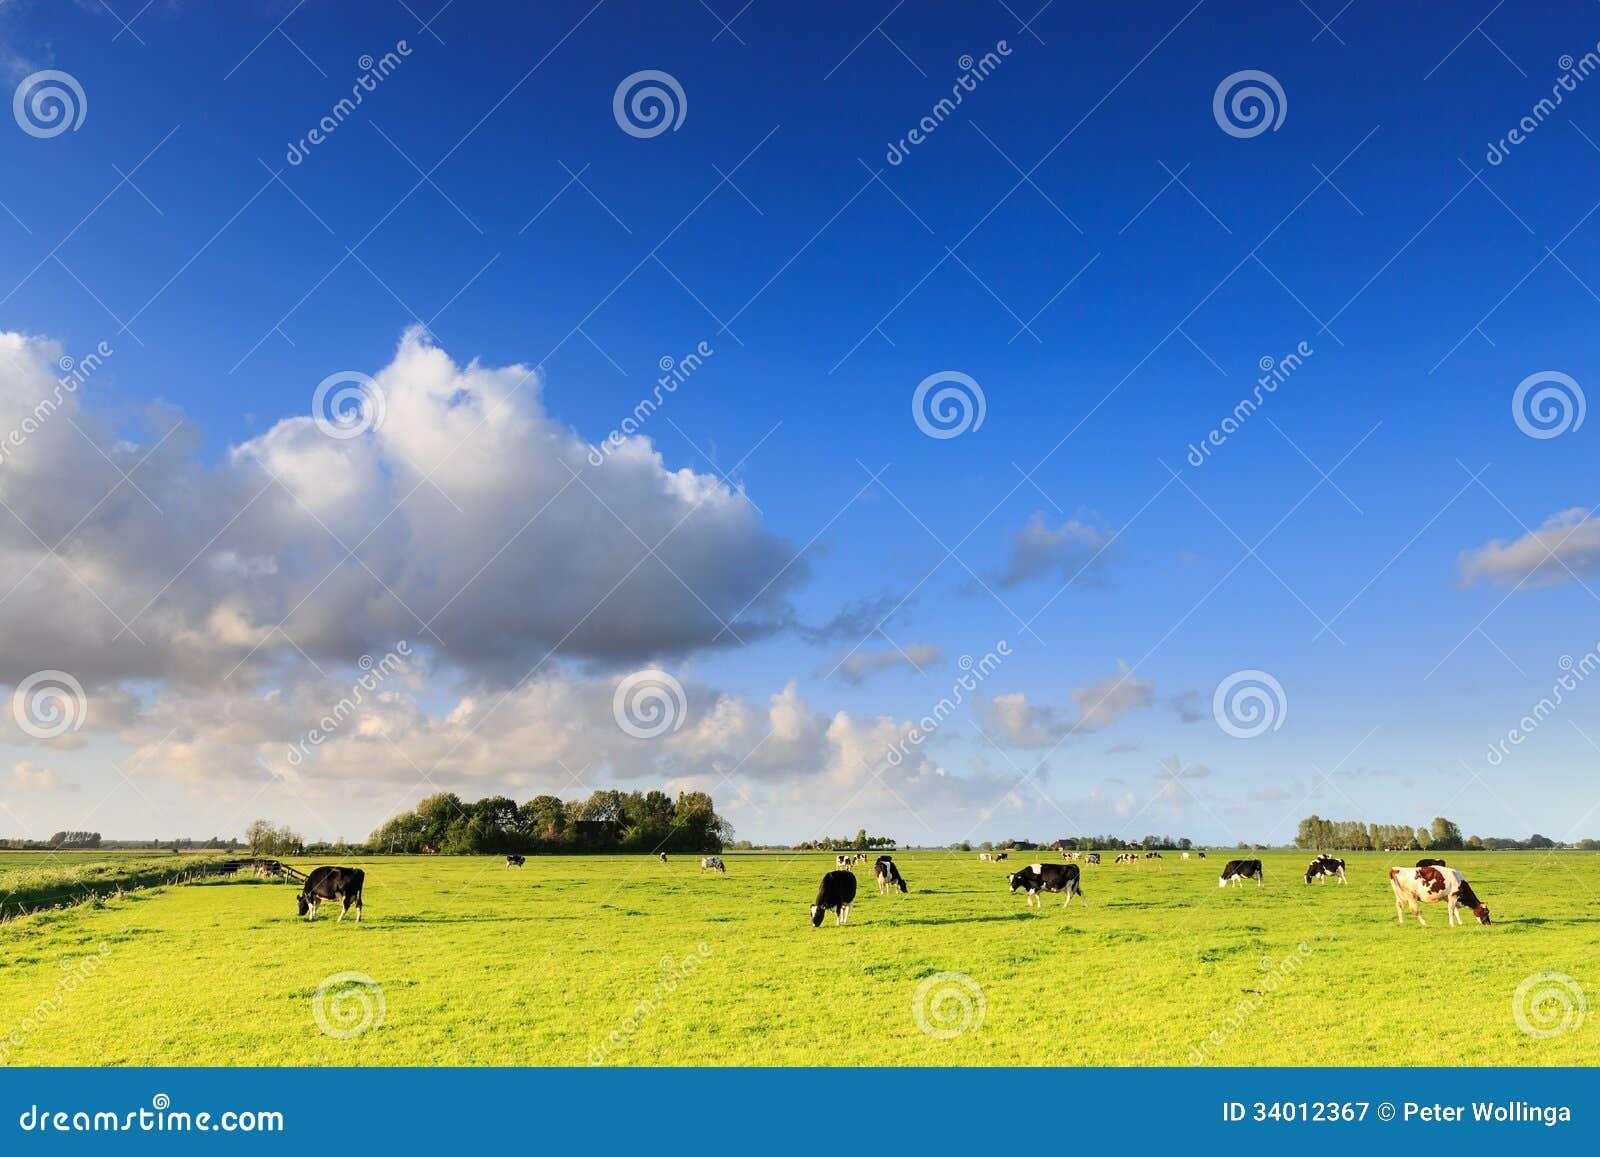 Kühe, die auf einer Wiese in einer typischen niederländischen Landschaft weiden lassen